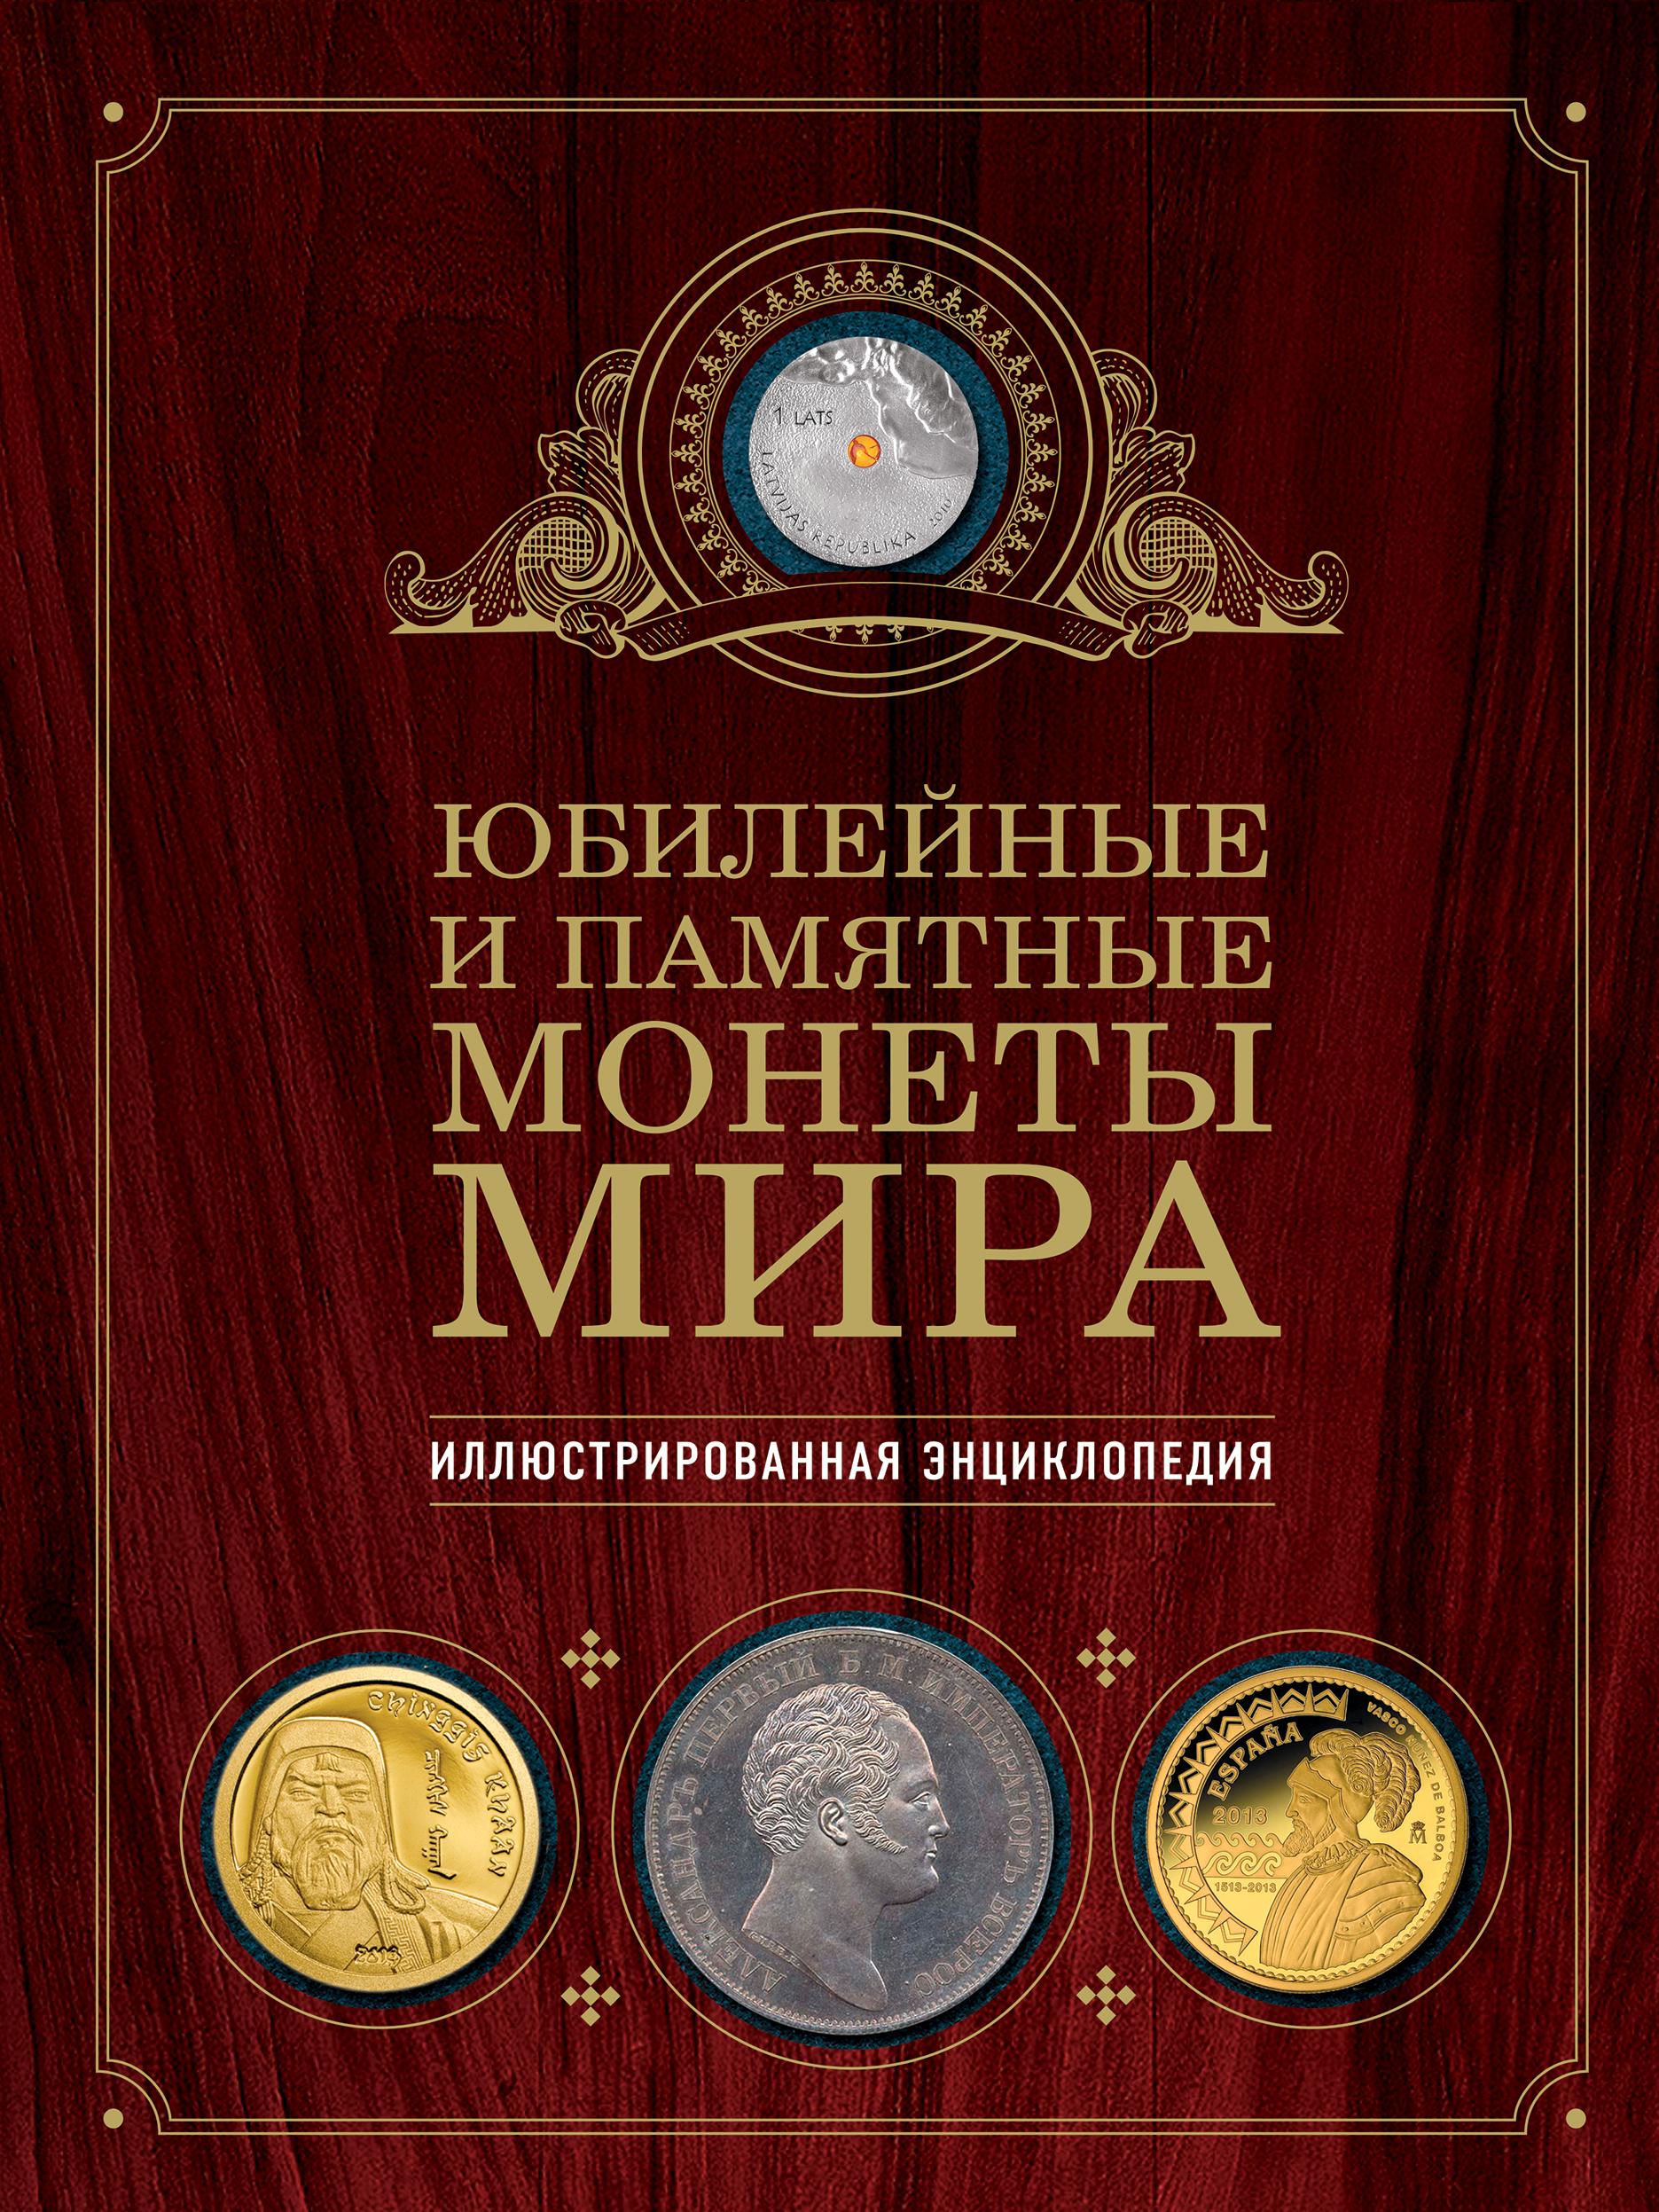 Юбилейные и памятные монеты мира.